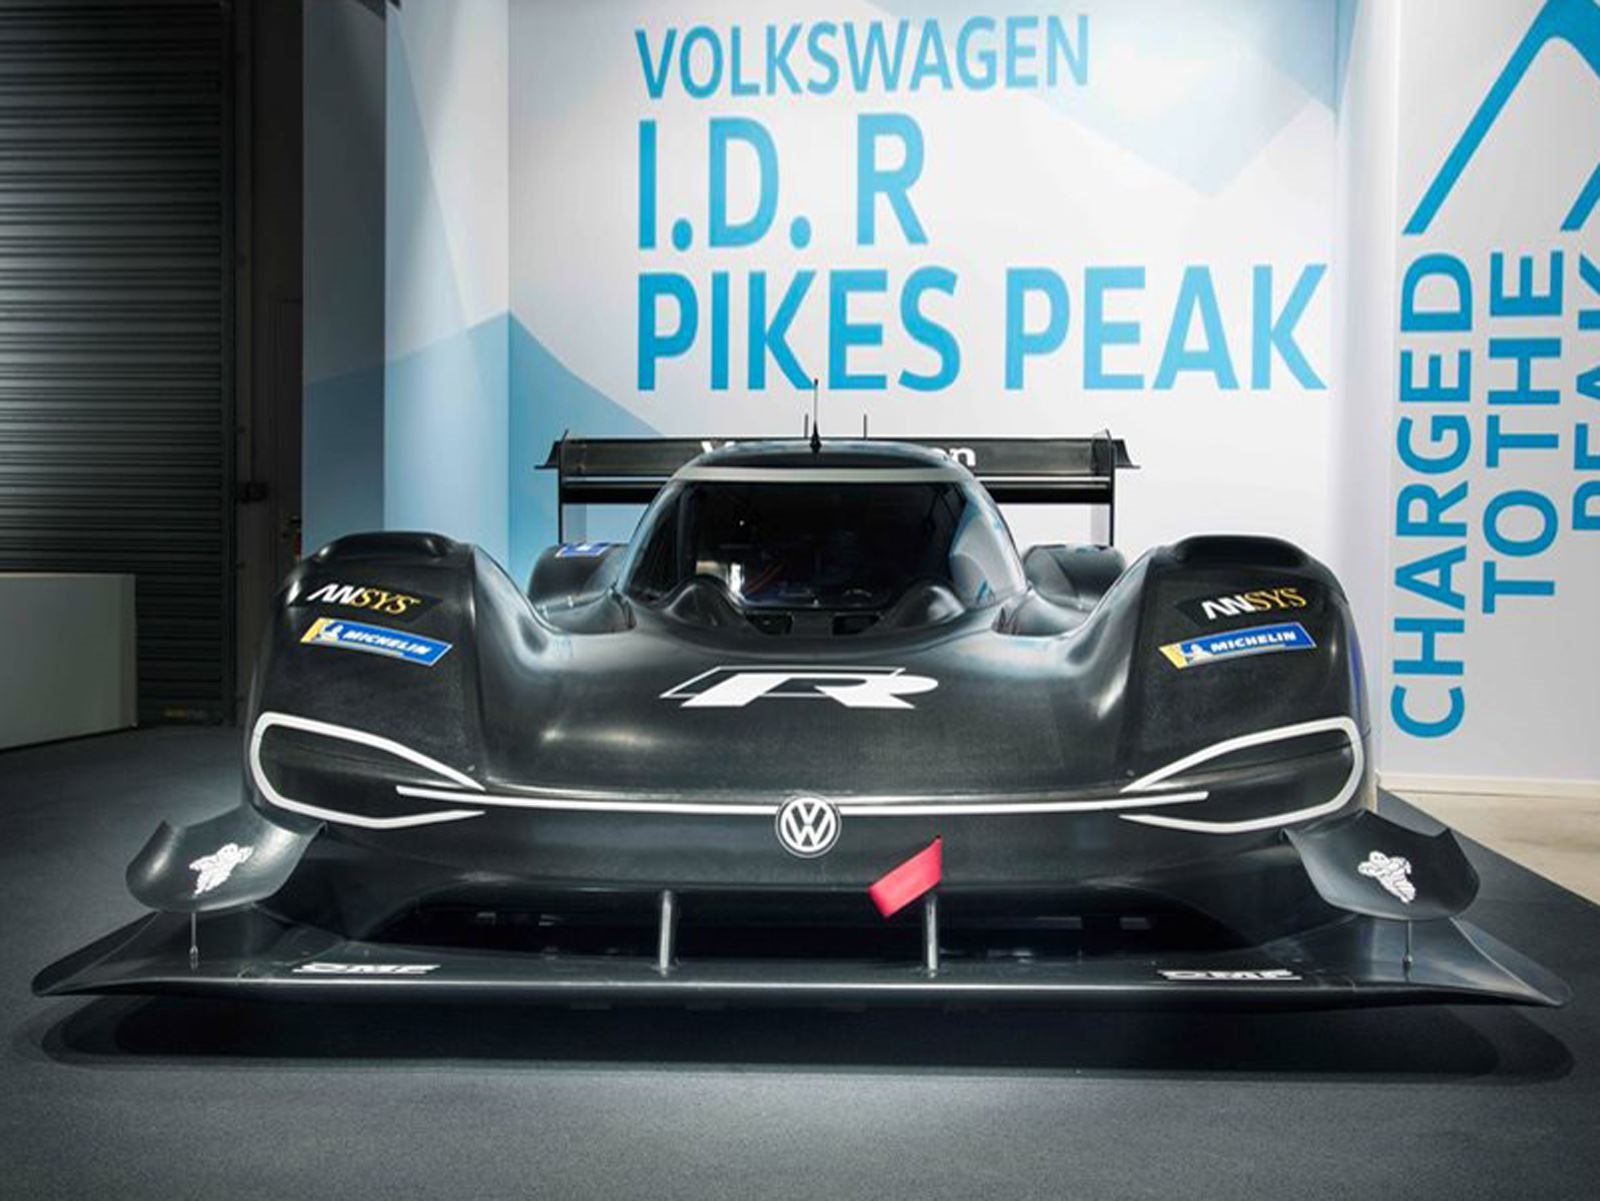 После завершения своего первого круга, трехкратный победитель подъема на холм Пайкс-Пик сказал: «То, что Volkswagen удалось собрать с нуля за последние несколько месяцев, заслуживает большого уважение. Я, конечно, видел первые фотографии автомобиля,